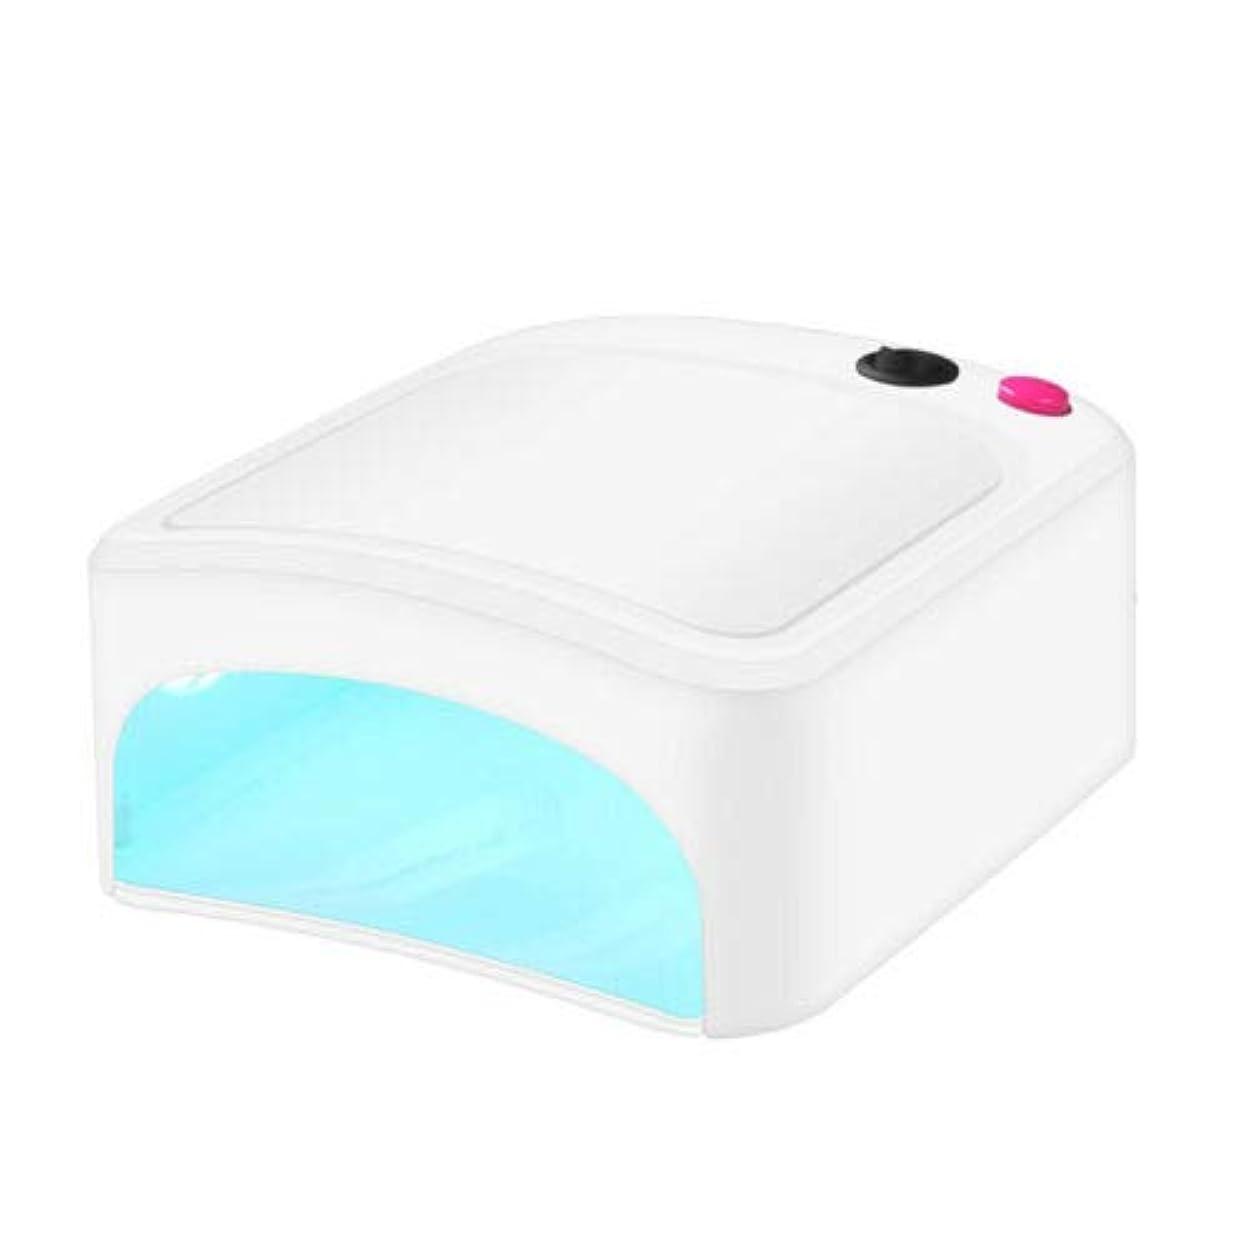 電気の検索エンジンマーケティング円周FidgetGear 新しいプロ36W UV ネイルランプドライヤー硬化ライト用USBジェルネイルアートポリッシュGBW 白